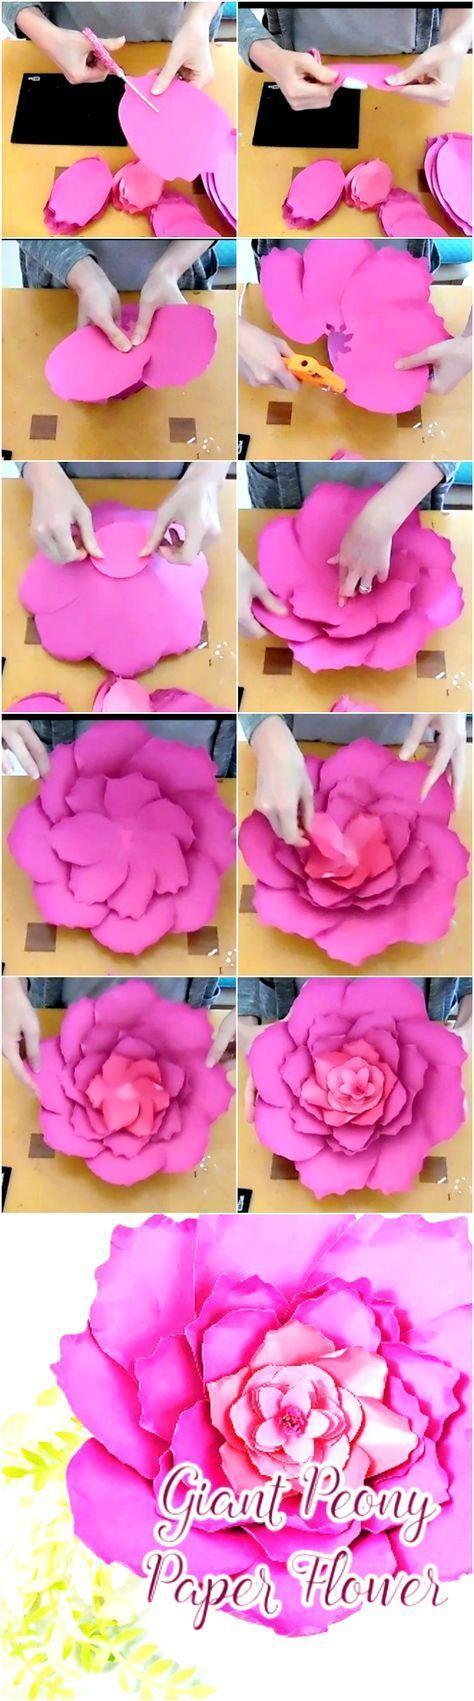 pe�nia gigante, modelos de flor de papel e tutoriais. padr�es de flores de papel. flores de papel de DIY. #ideas - Crafting � minha vida